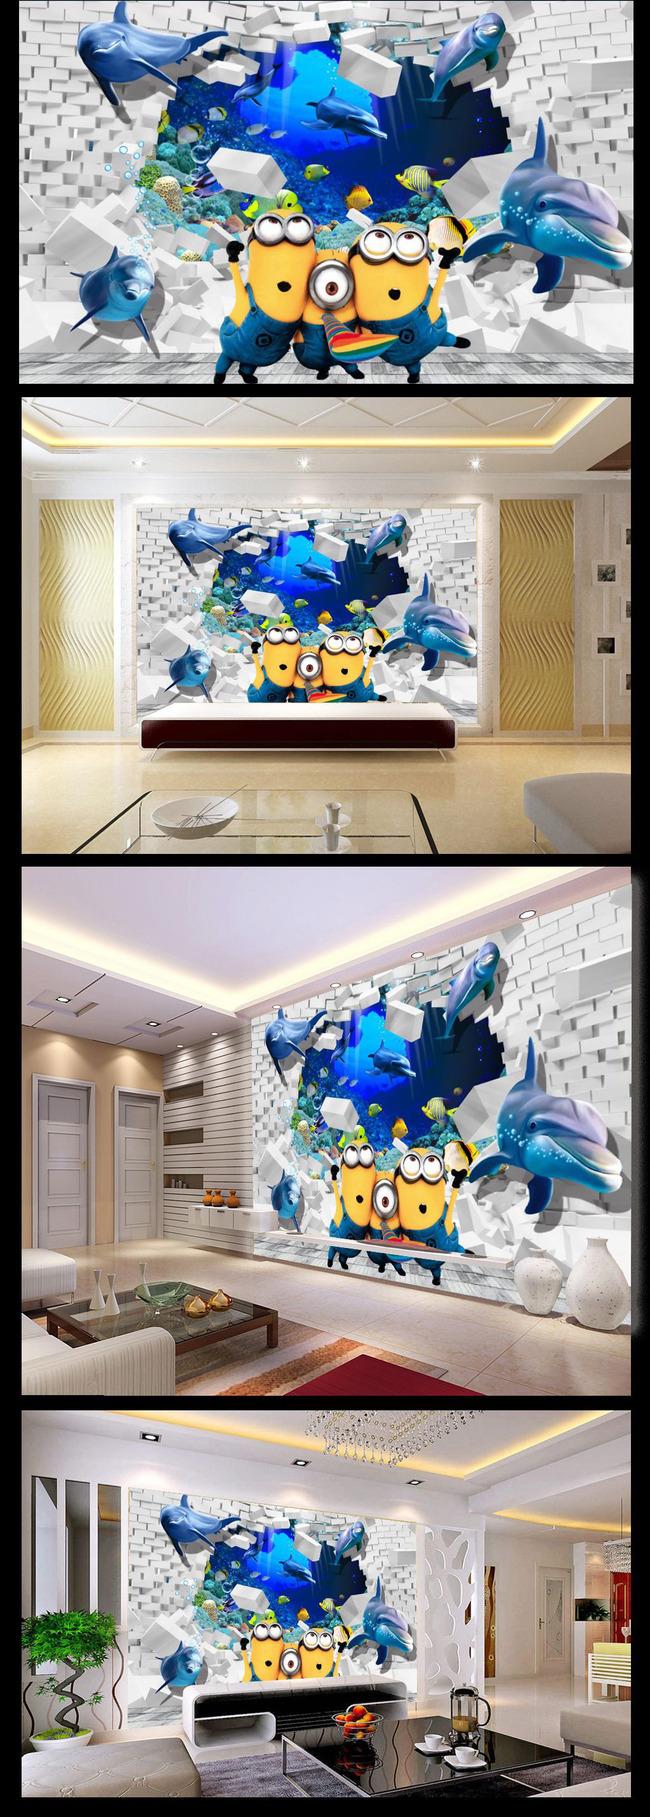 3d壁画海底世界儿童房壁纸小黄人psd